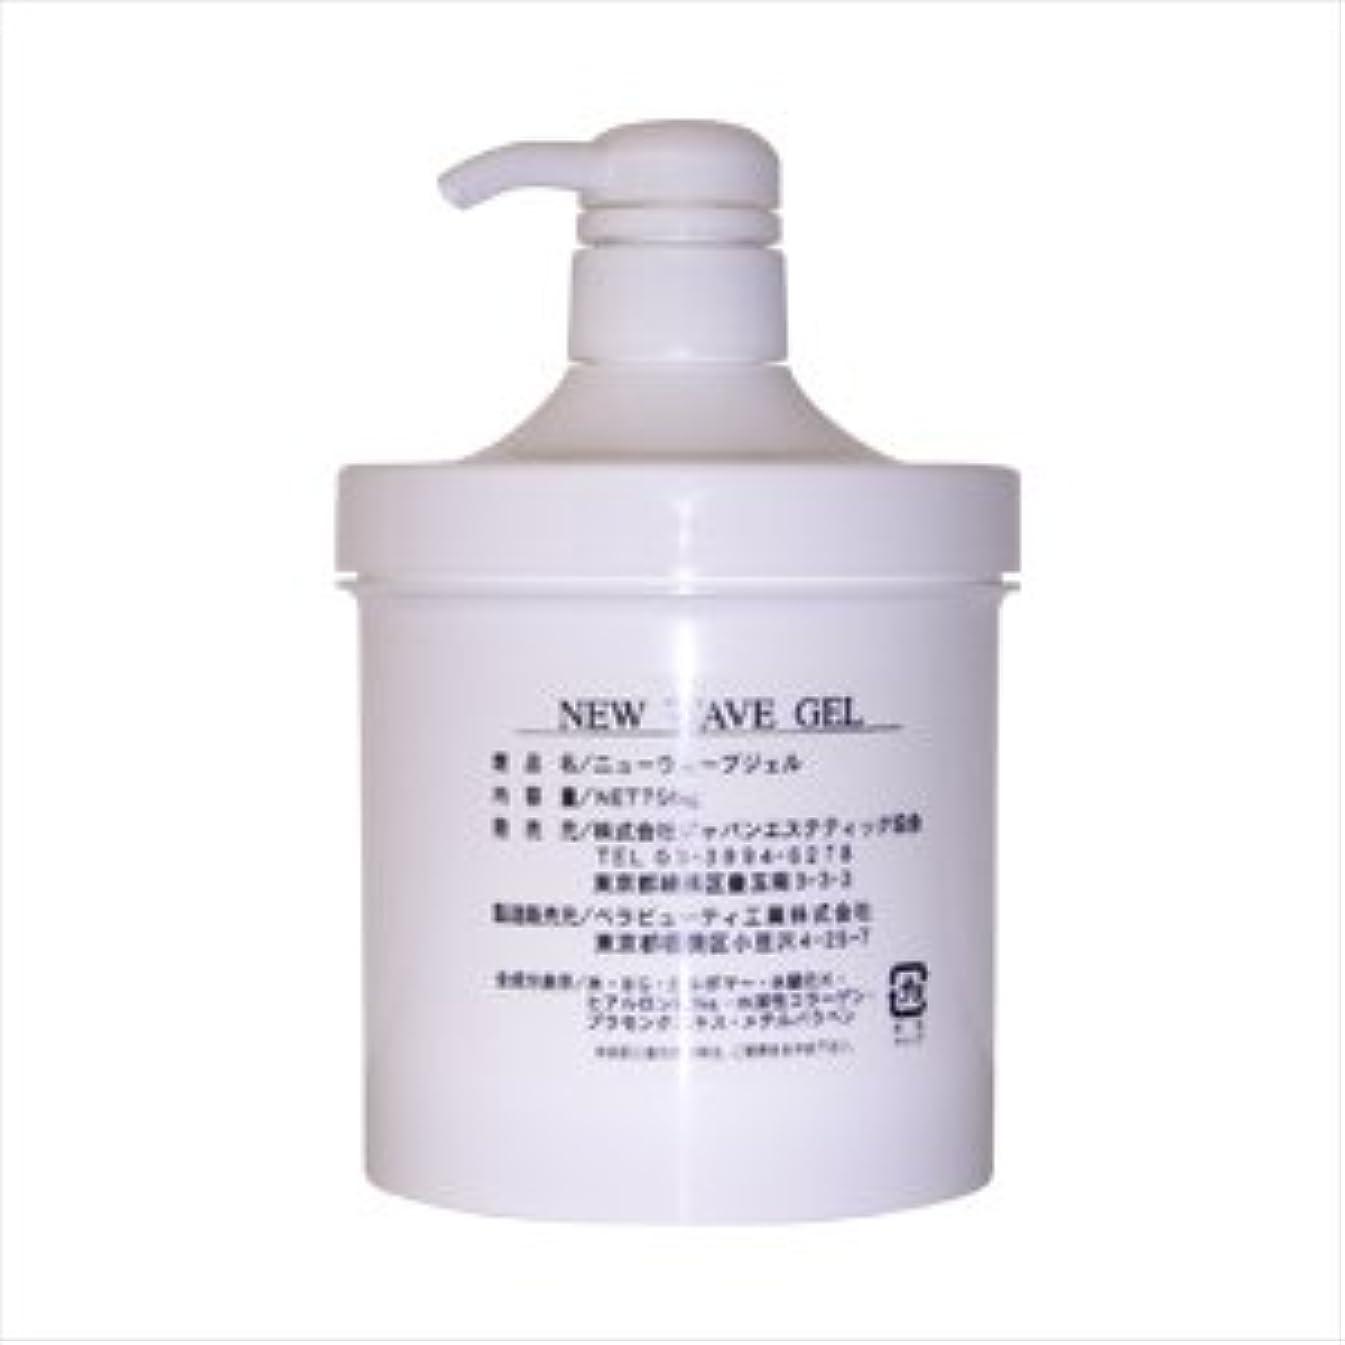 【EMS筋肉トレーニング器】 スーパーEMS 専用 消耗品 (ニューウェーブジェル(700g))